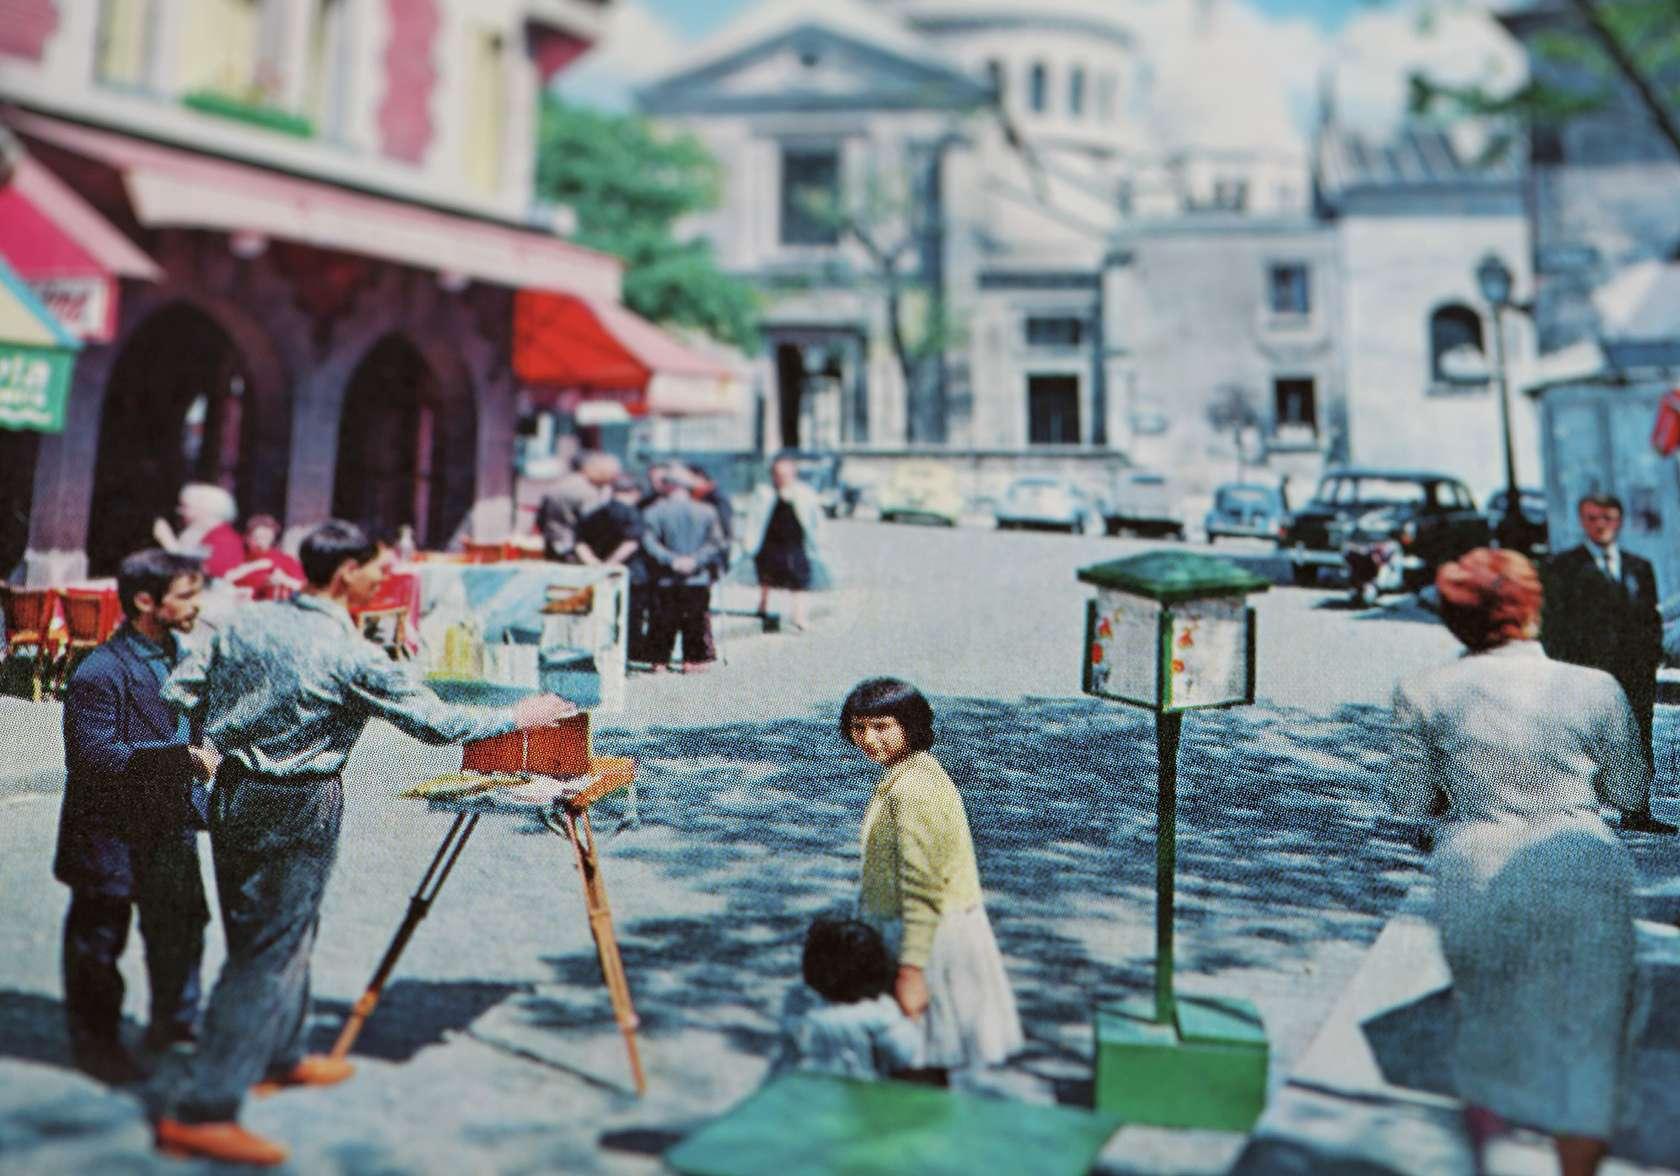 documentation céline duval, Vu! Place du Tertre, 2015 Tirage pigmentaire sur papier Fine Art Barita contrecollé sur dibond53 × 80 cm / 20 7/8 × 31 1/2 in.